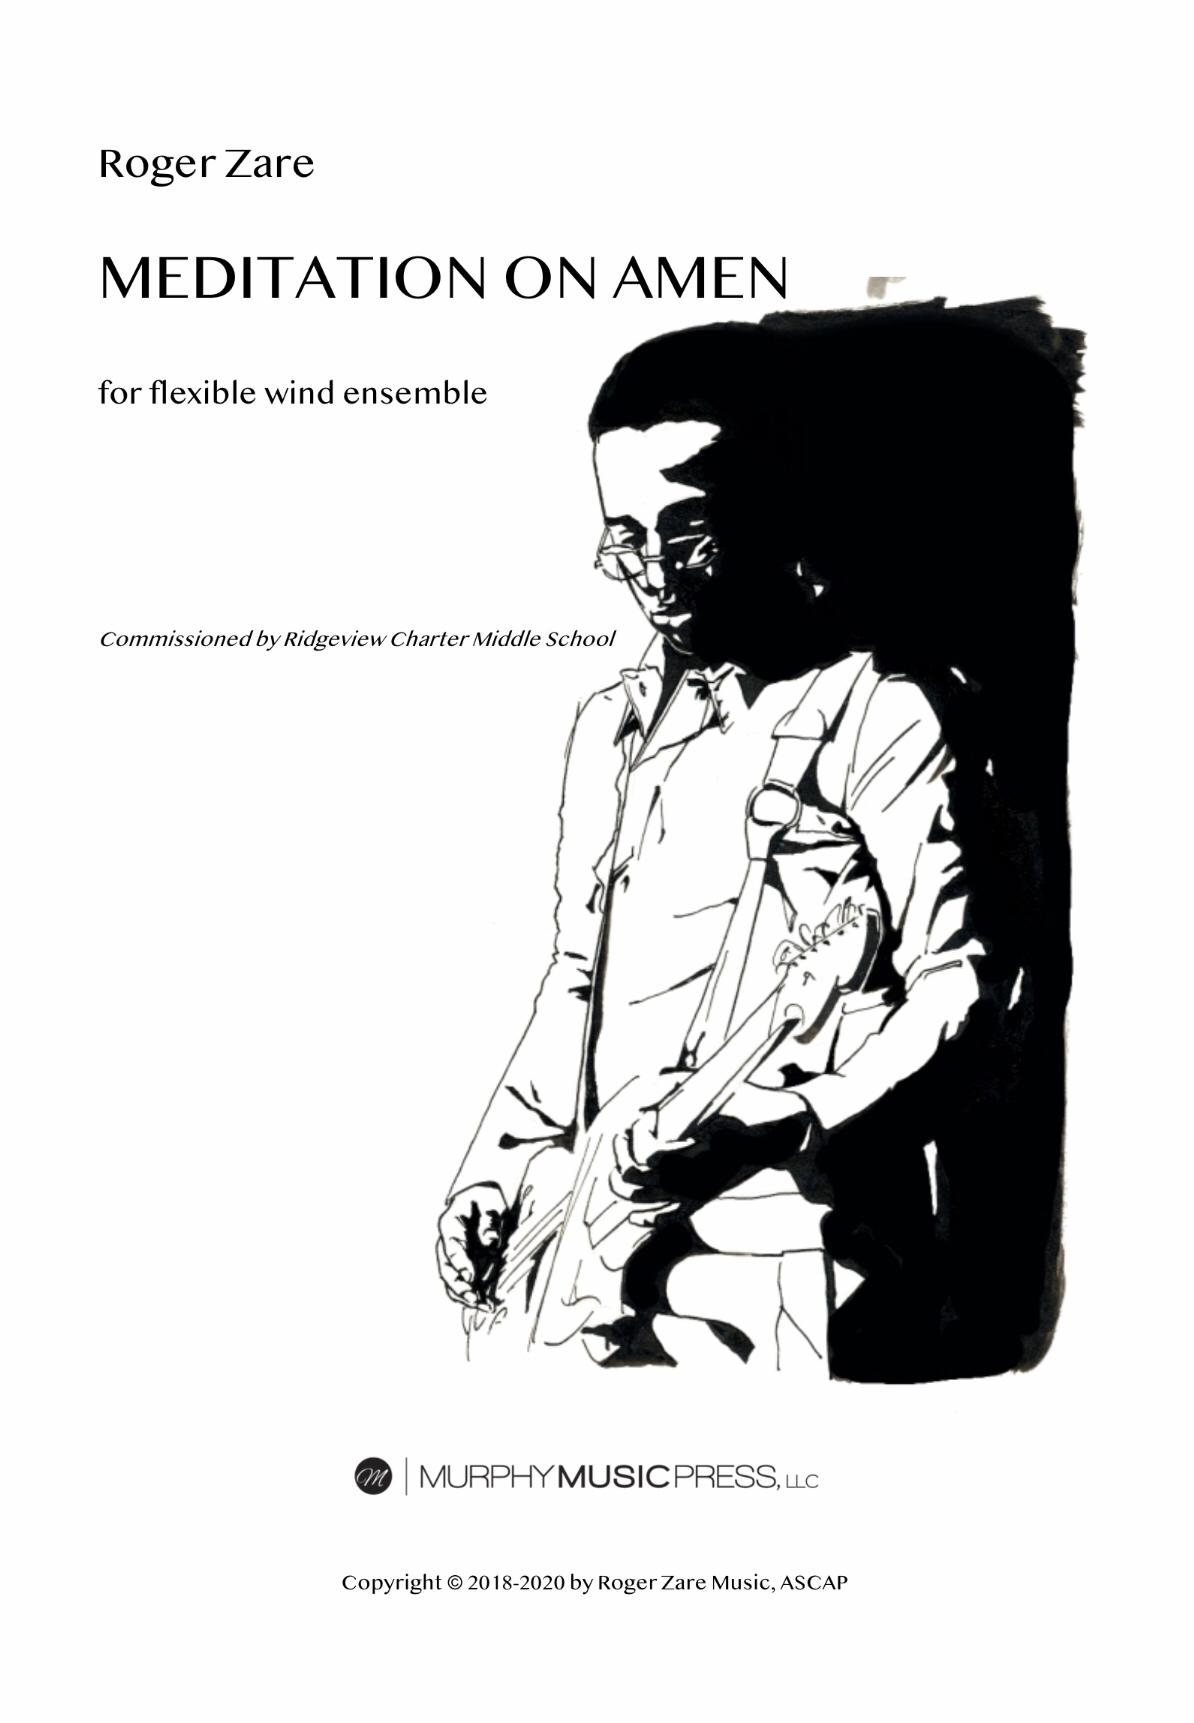 Meditation On Amen by Roger Zare